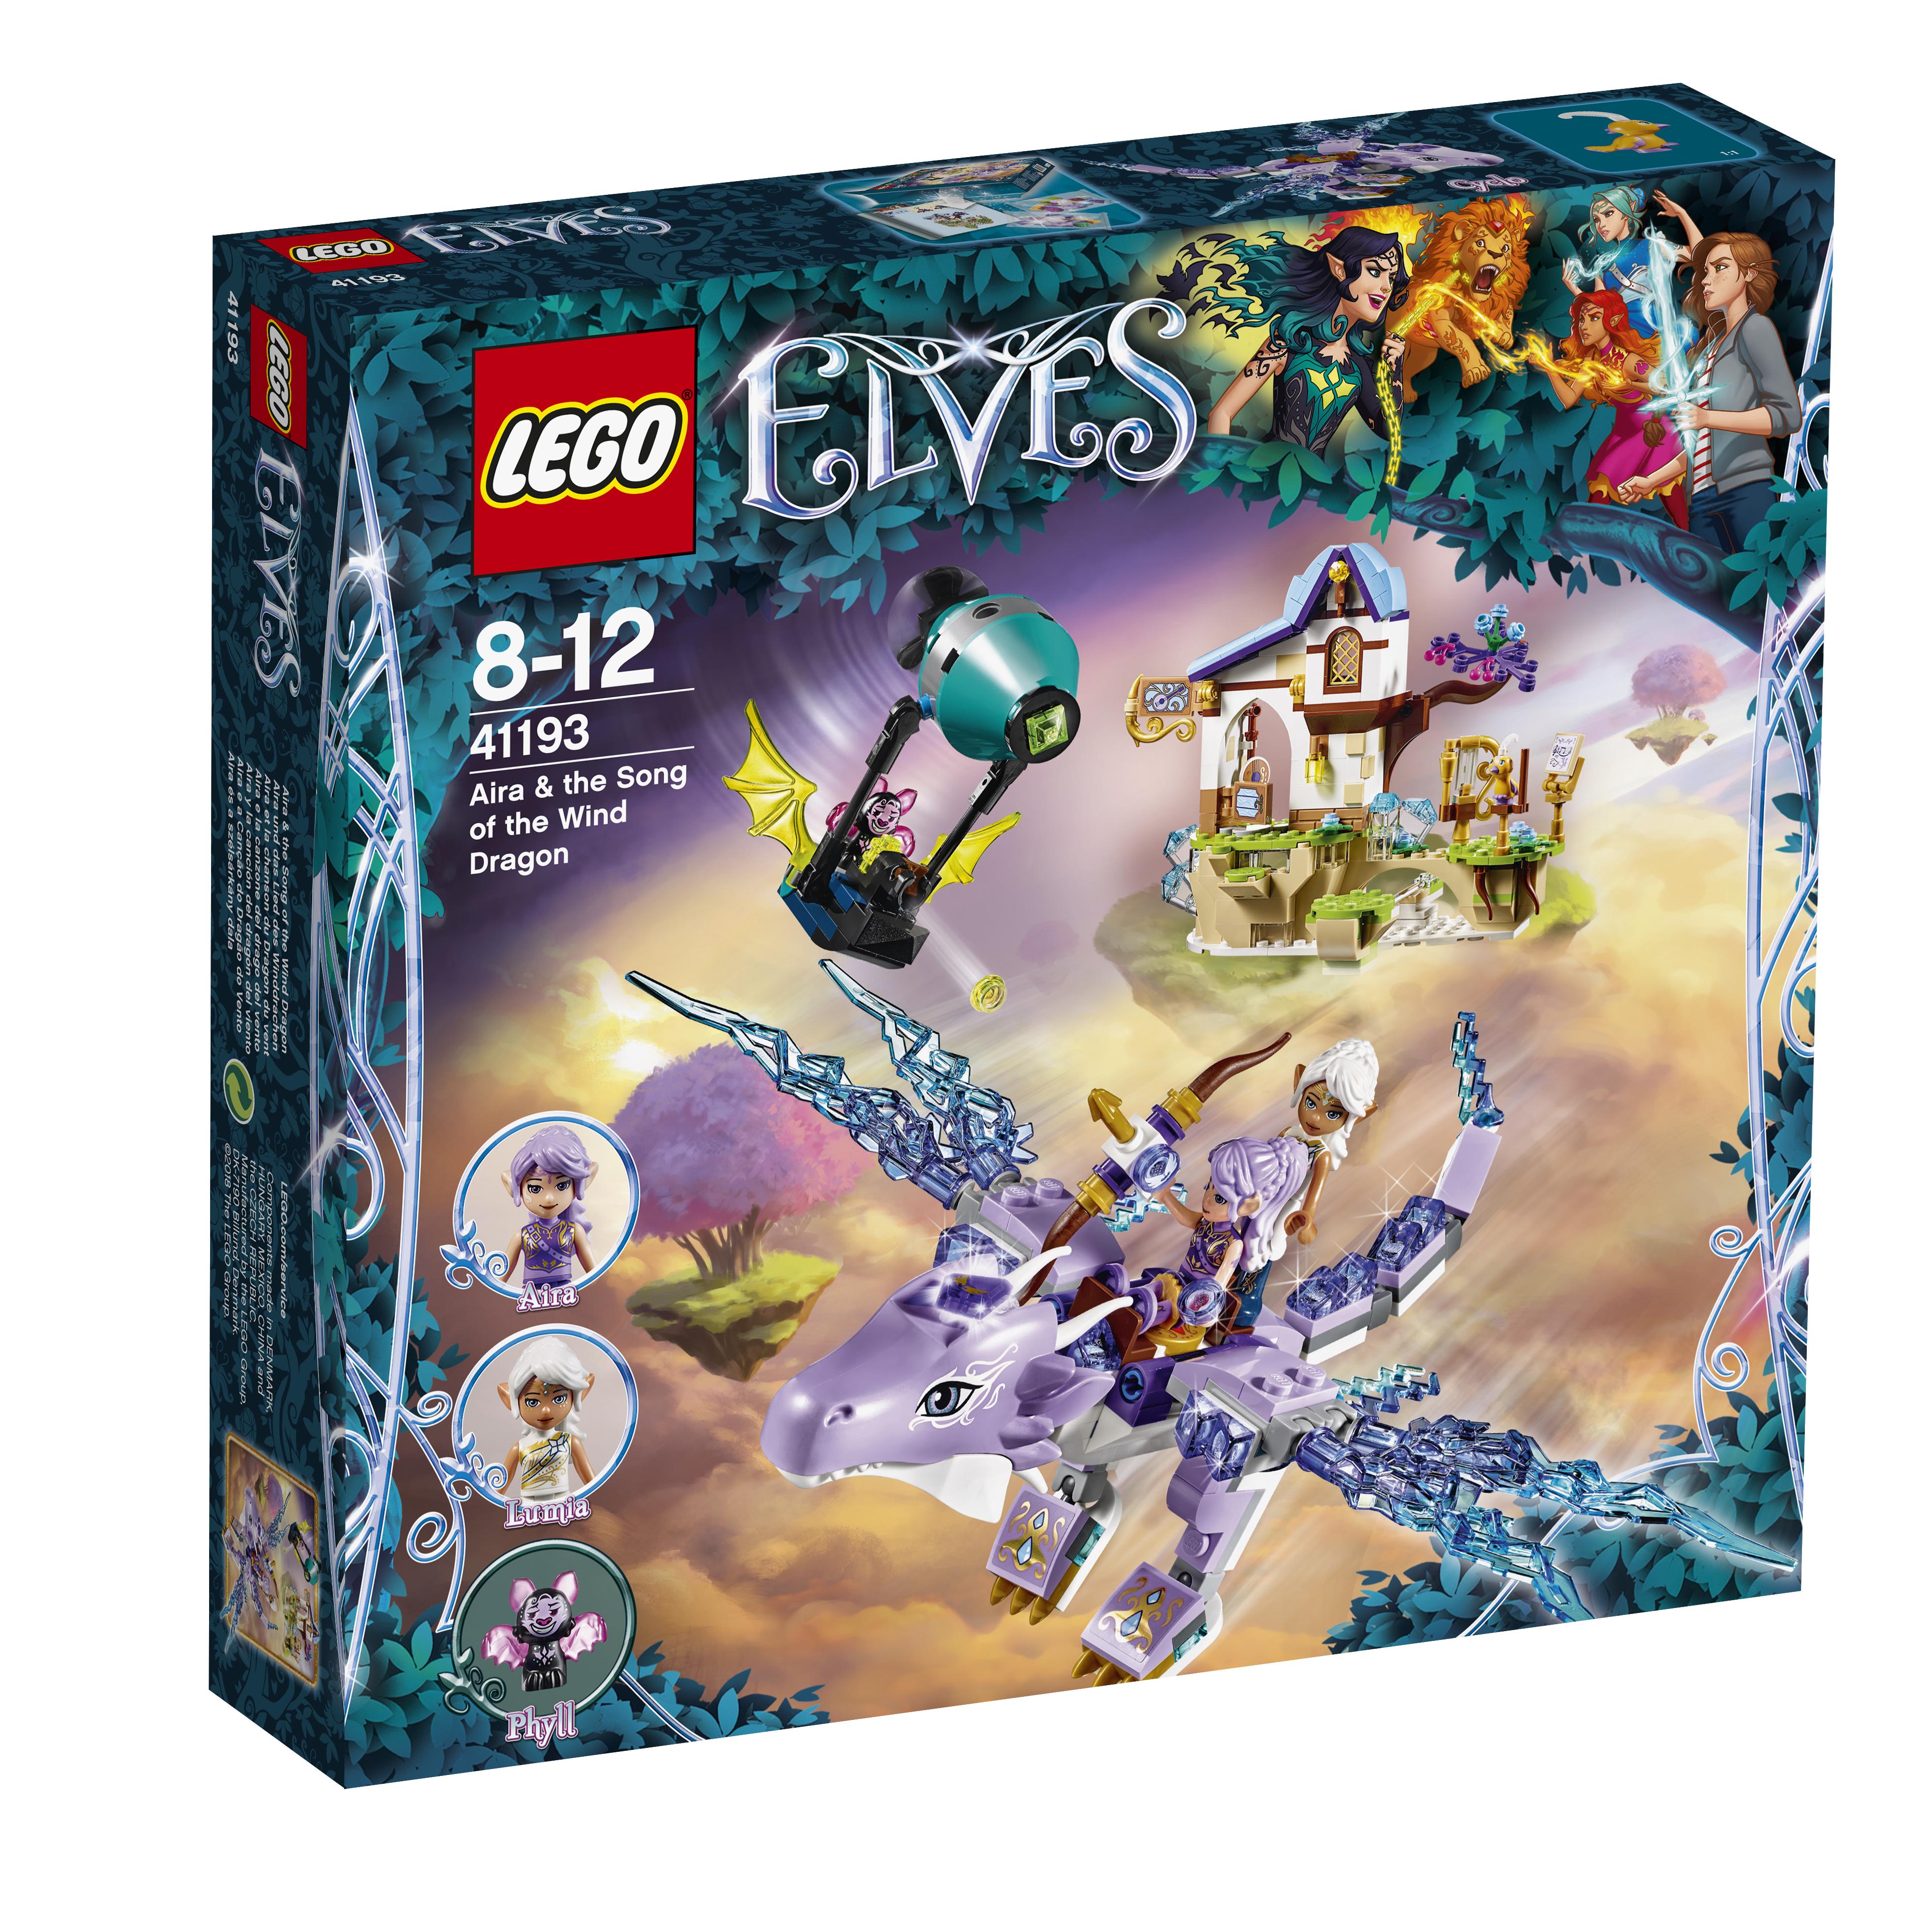 LEGO LEGO Elves 41193 Эйра и дракон Песня ветра конструктор lego elves 41178 логово дракона